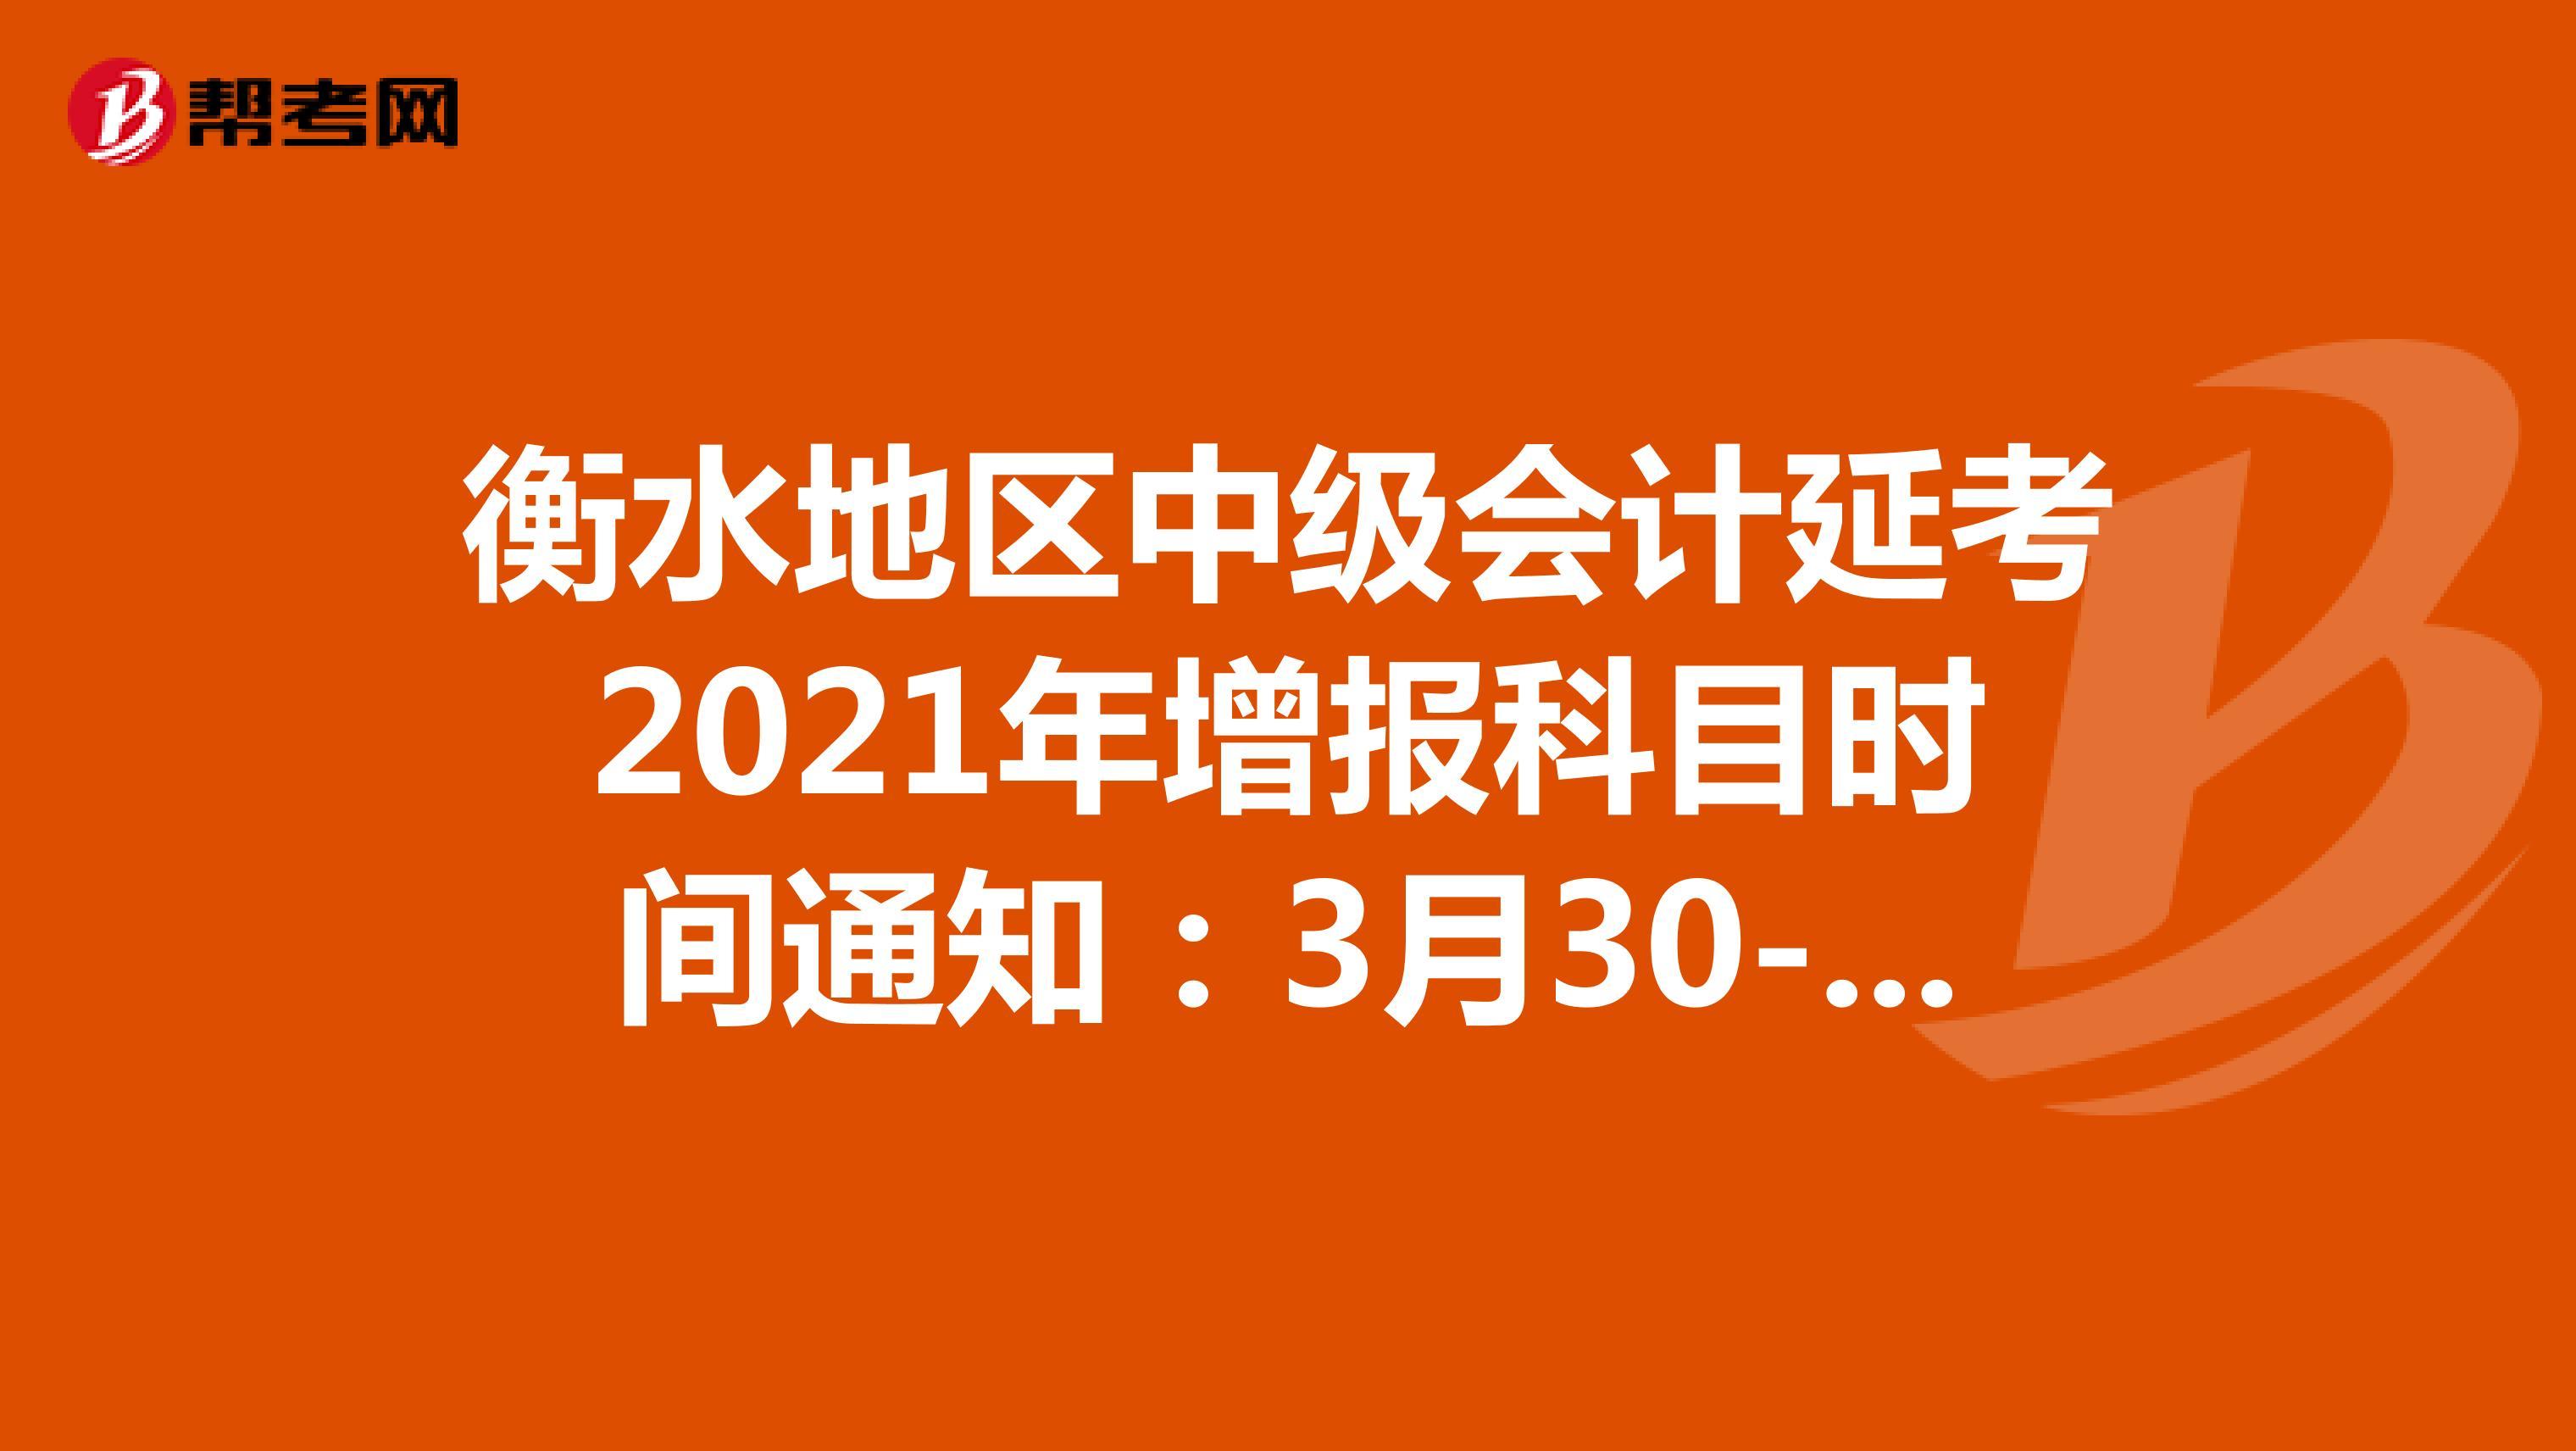 衡水地区中级会计延考2021年增报科目时间通知:3月30-31日